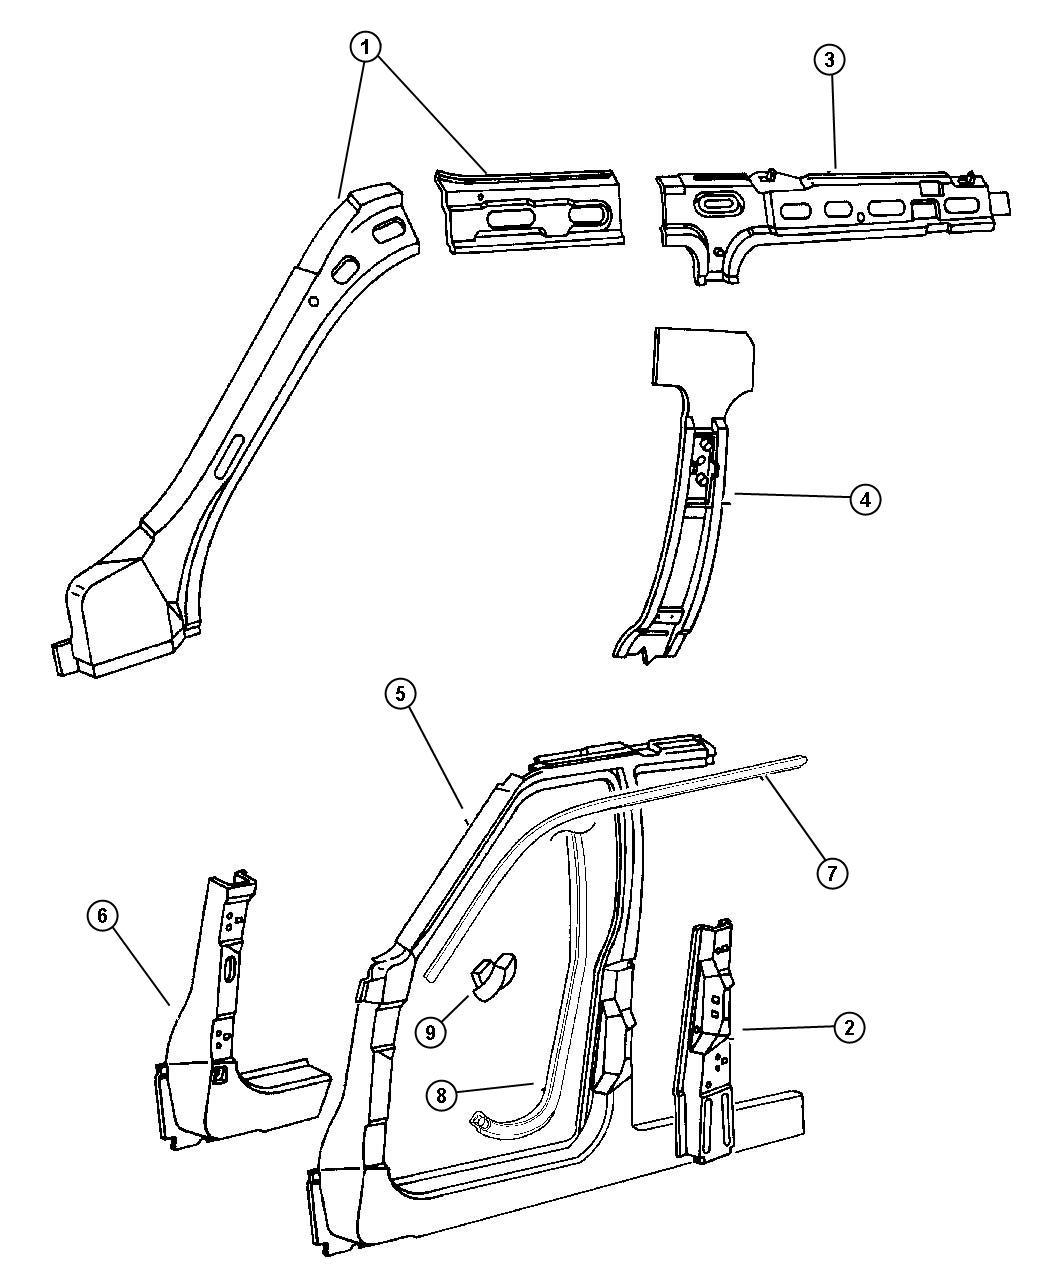 2003 jeep grand cherokee door diagram